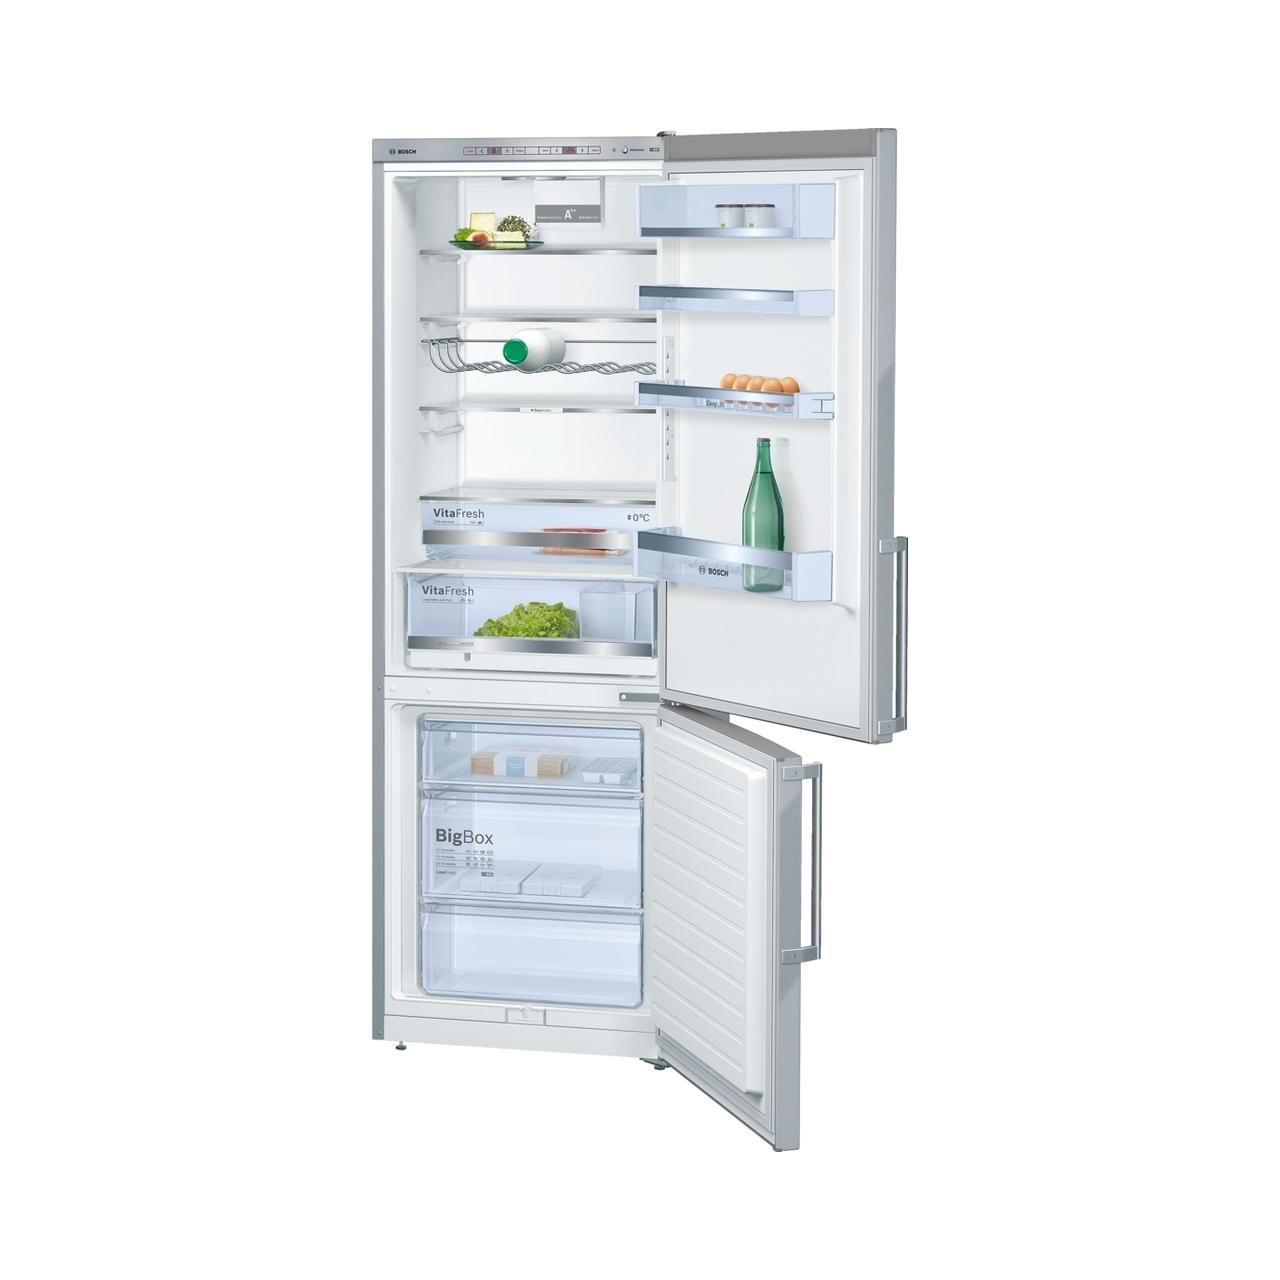 Tủ lạnh đơn BOSCH KGE49AI31 Serie 6